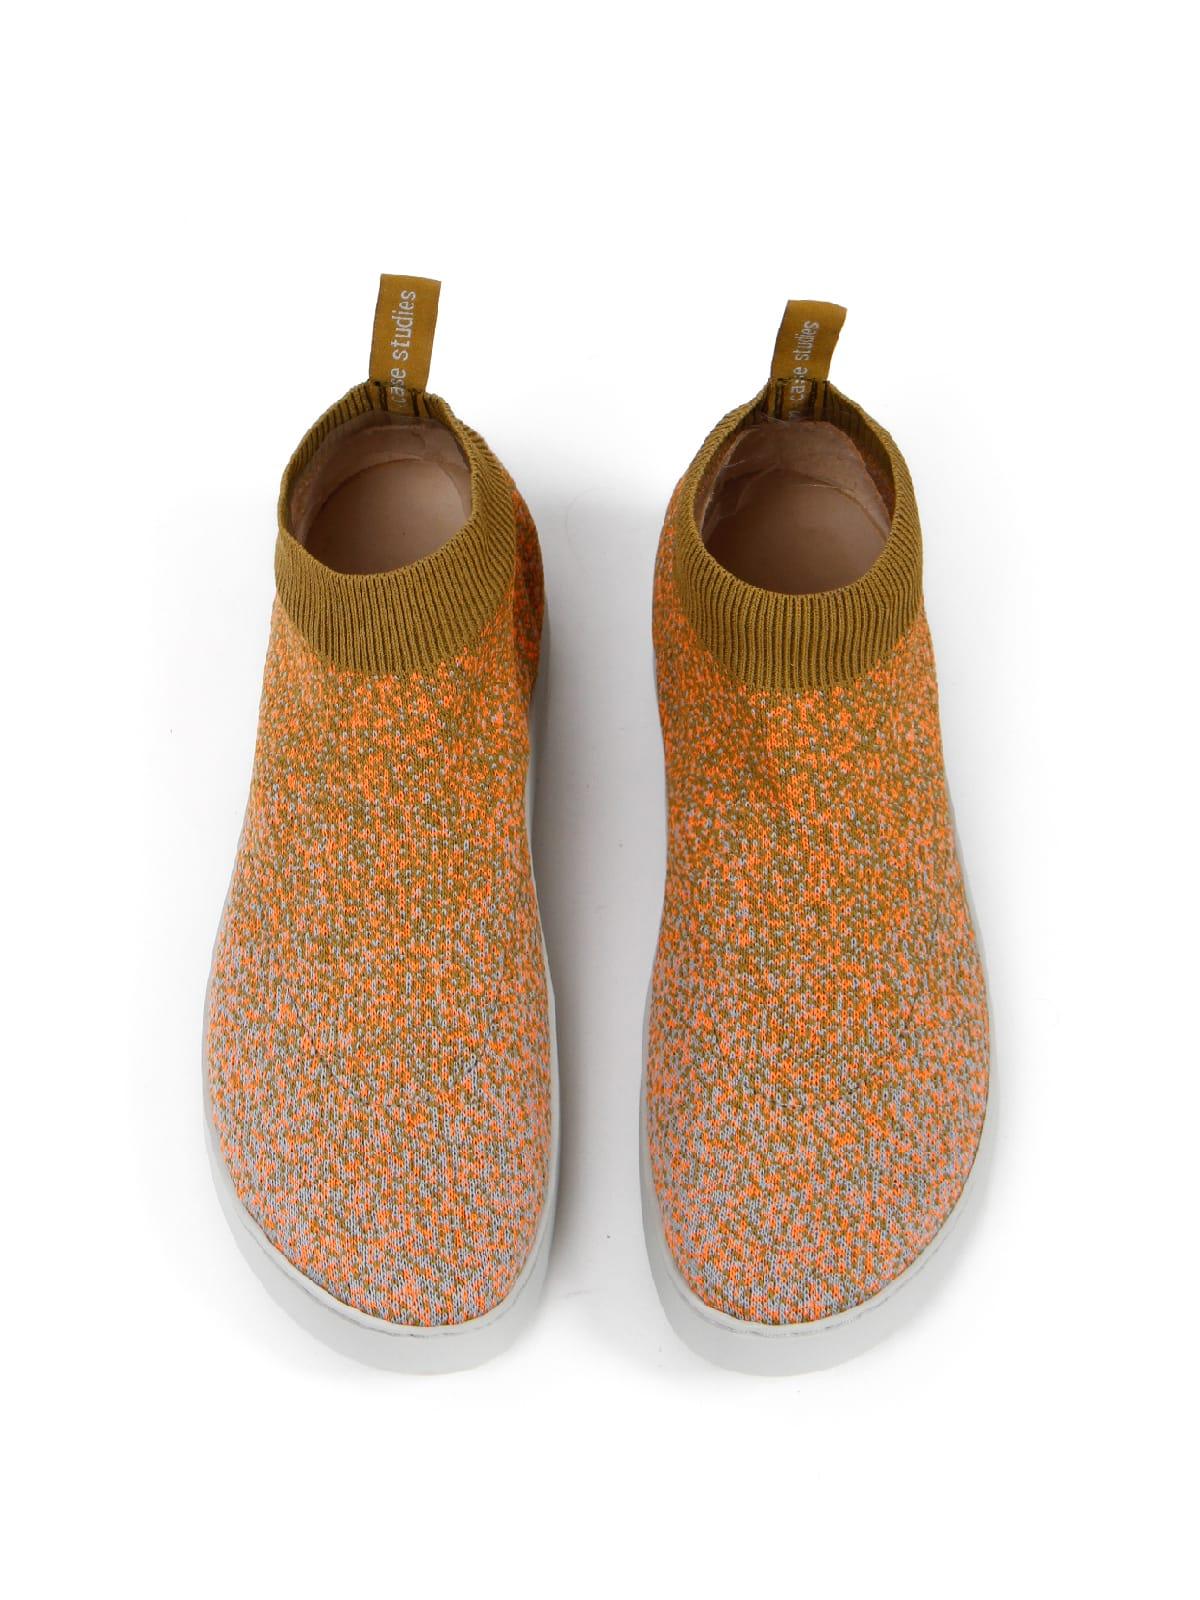 3D knitted sockboot Spexx papaya oben